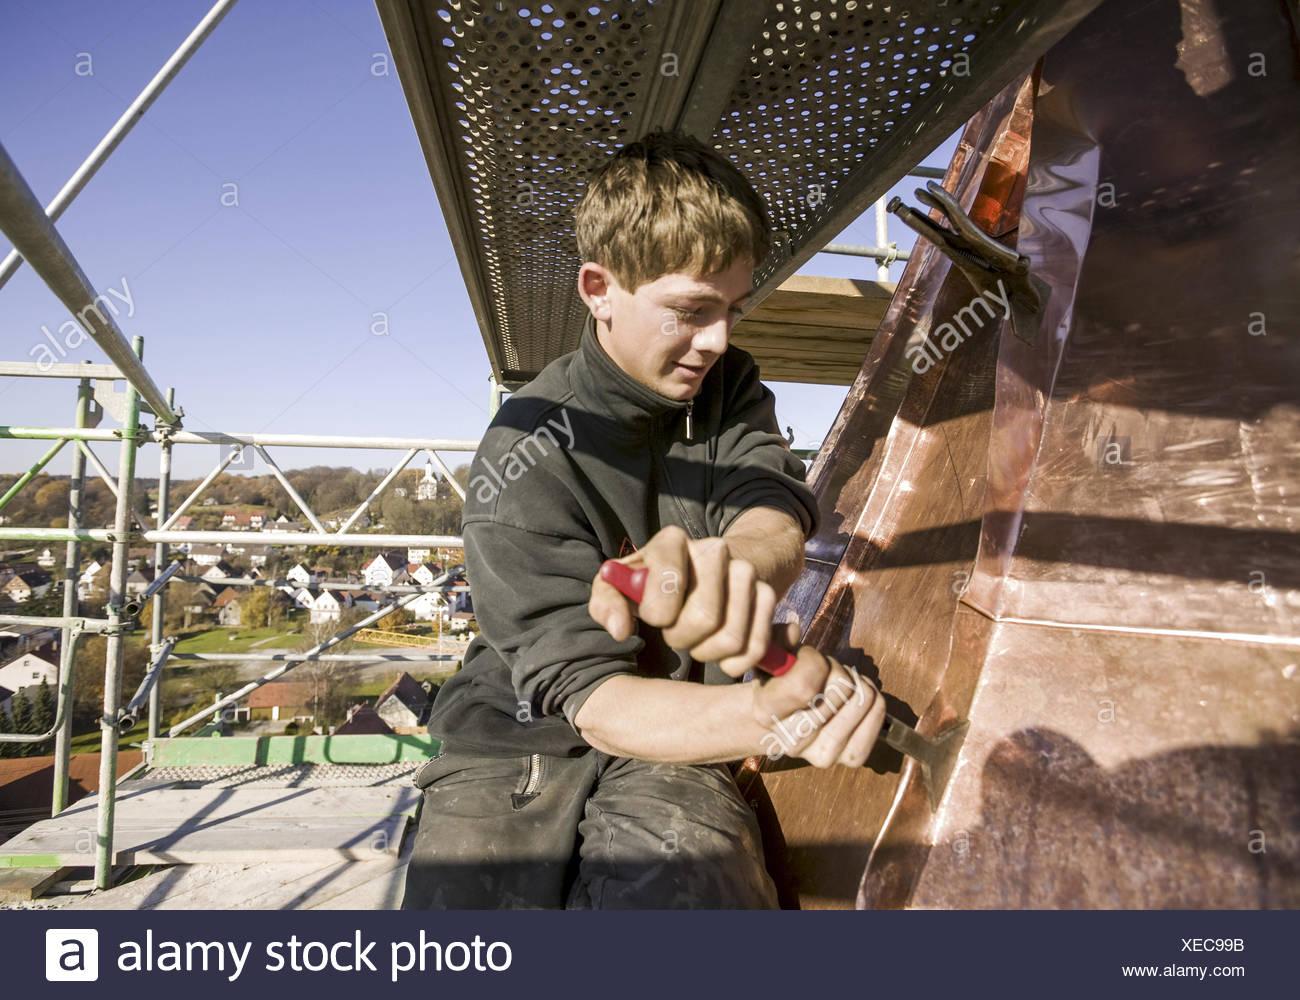 Spengler, Lehrling arbeitet mit Stemmeisen un eines Kupferdach Kirchturms (modelo-liberado) Foto de stock